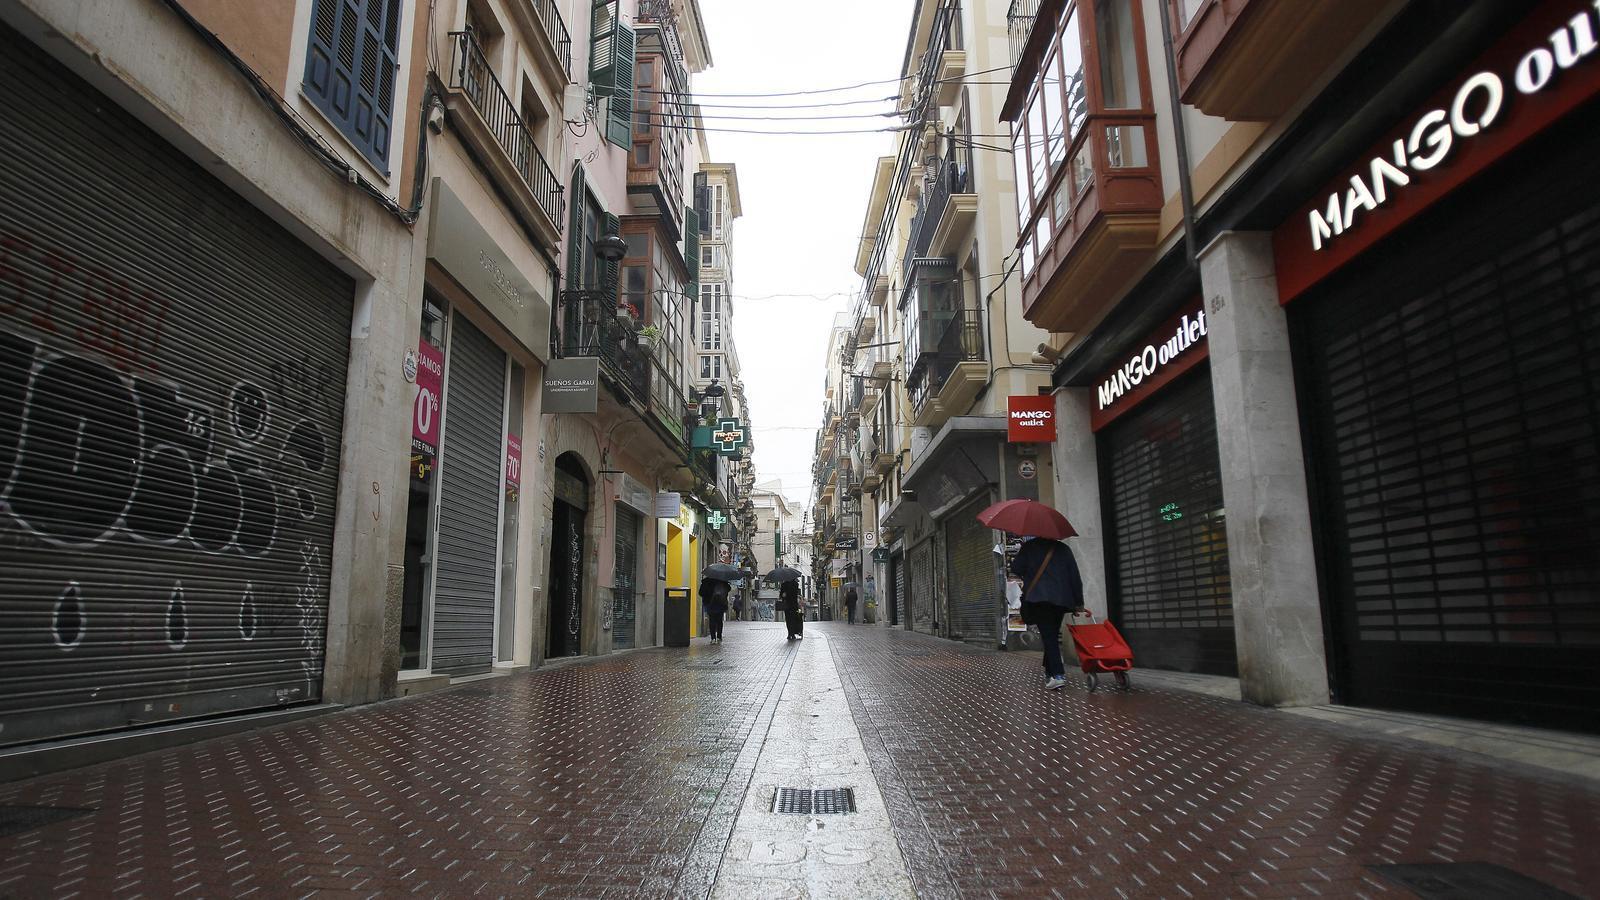 Les botigues i negocis del centre de Palma, tancats el primer dia laborable després de la declaració de l'estat d'alarma